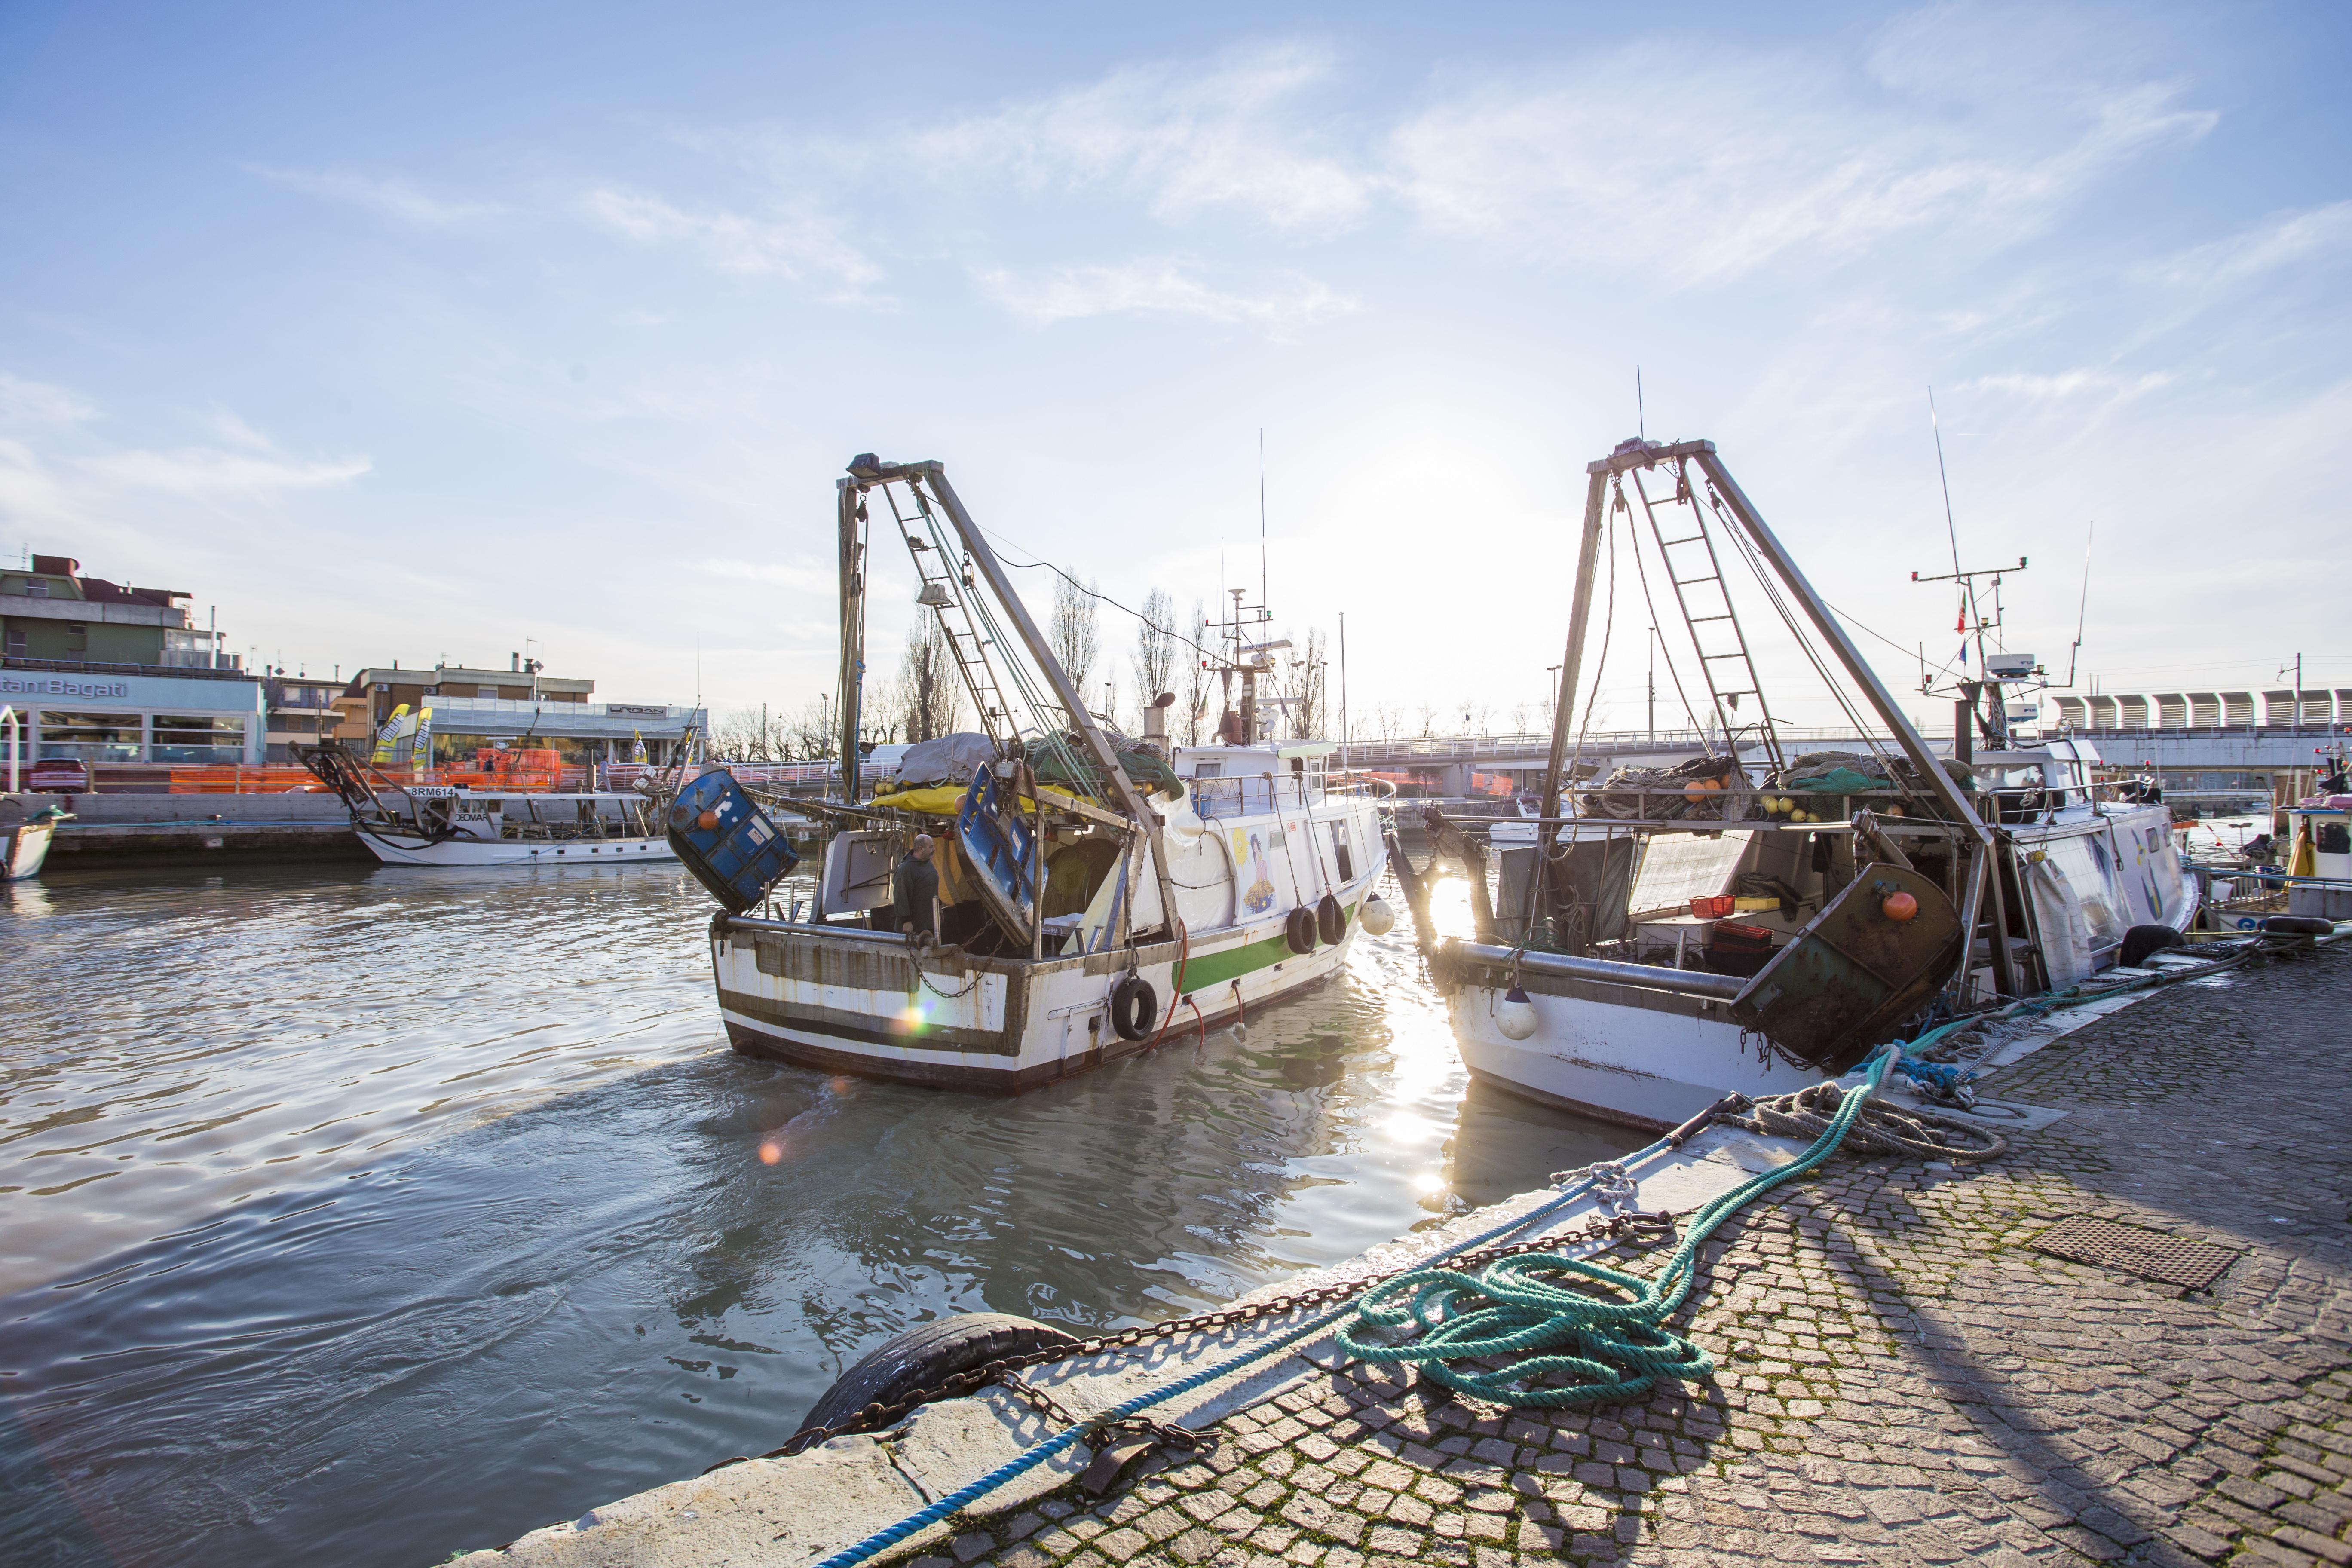 Libeccio, Bellaria: La Magia Di Mangiare Al Circolo Dei Pescatori Dismesso